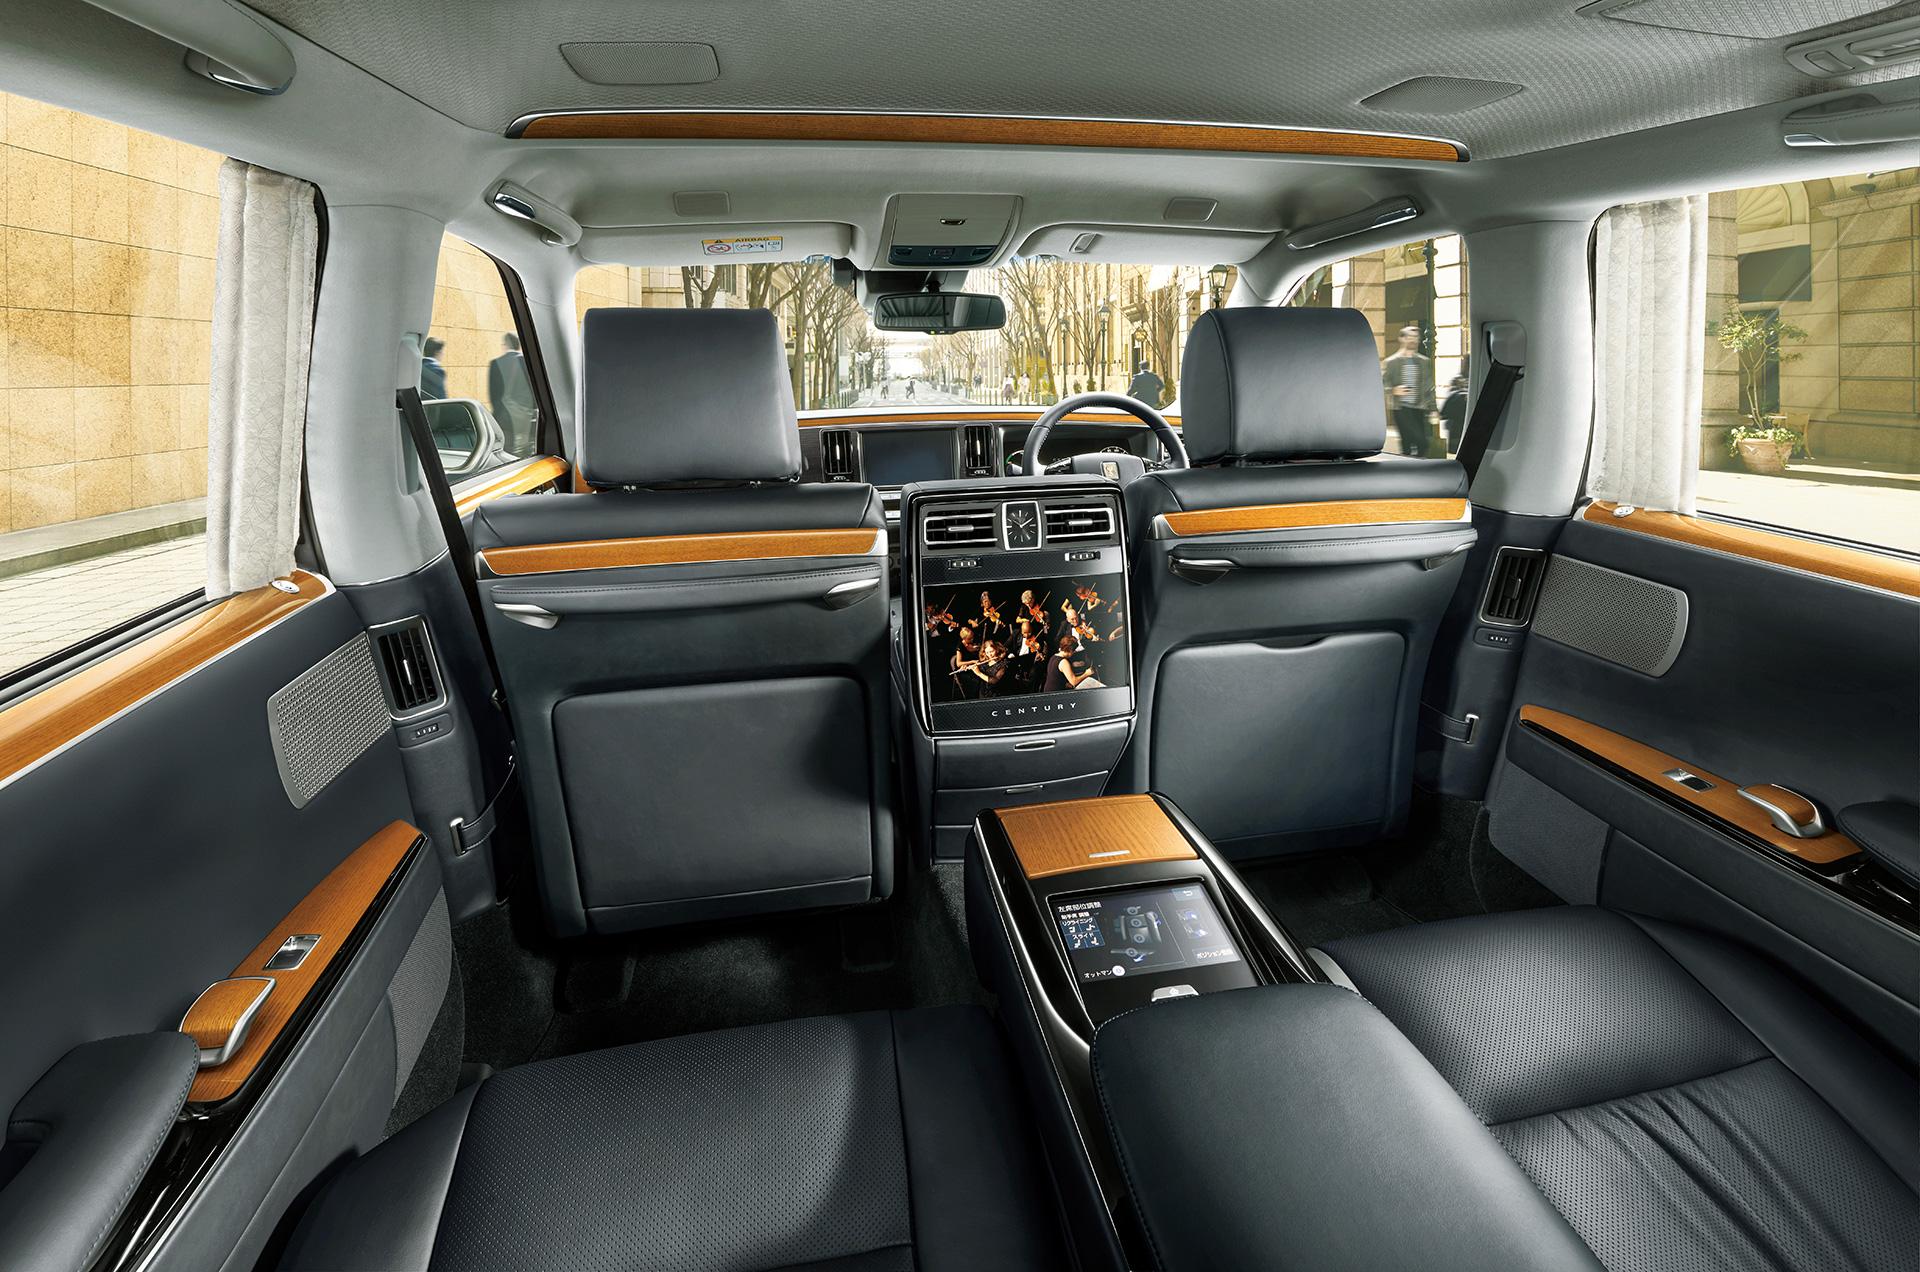 「【新車】新型トヨタ・センチュリーの快適性と「折り上げ天井様式」を採用した天井に注目」の12枚目の画像